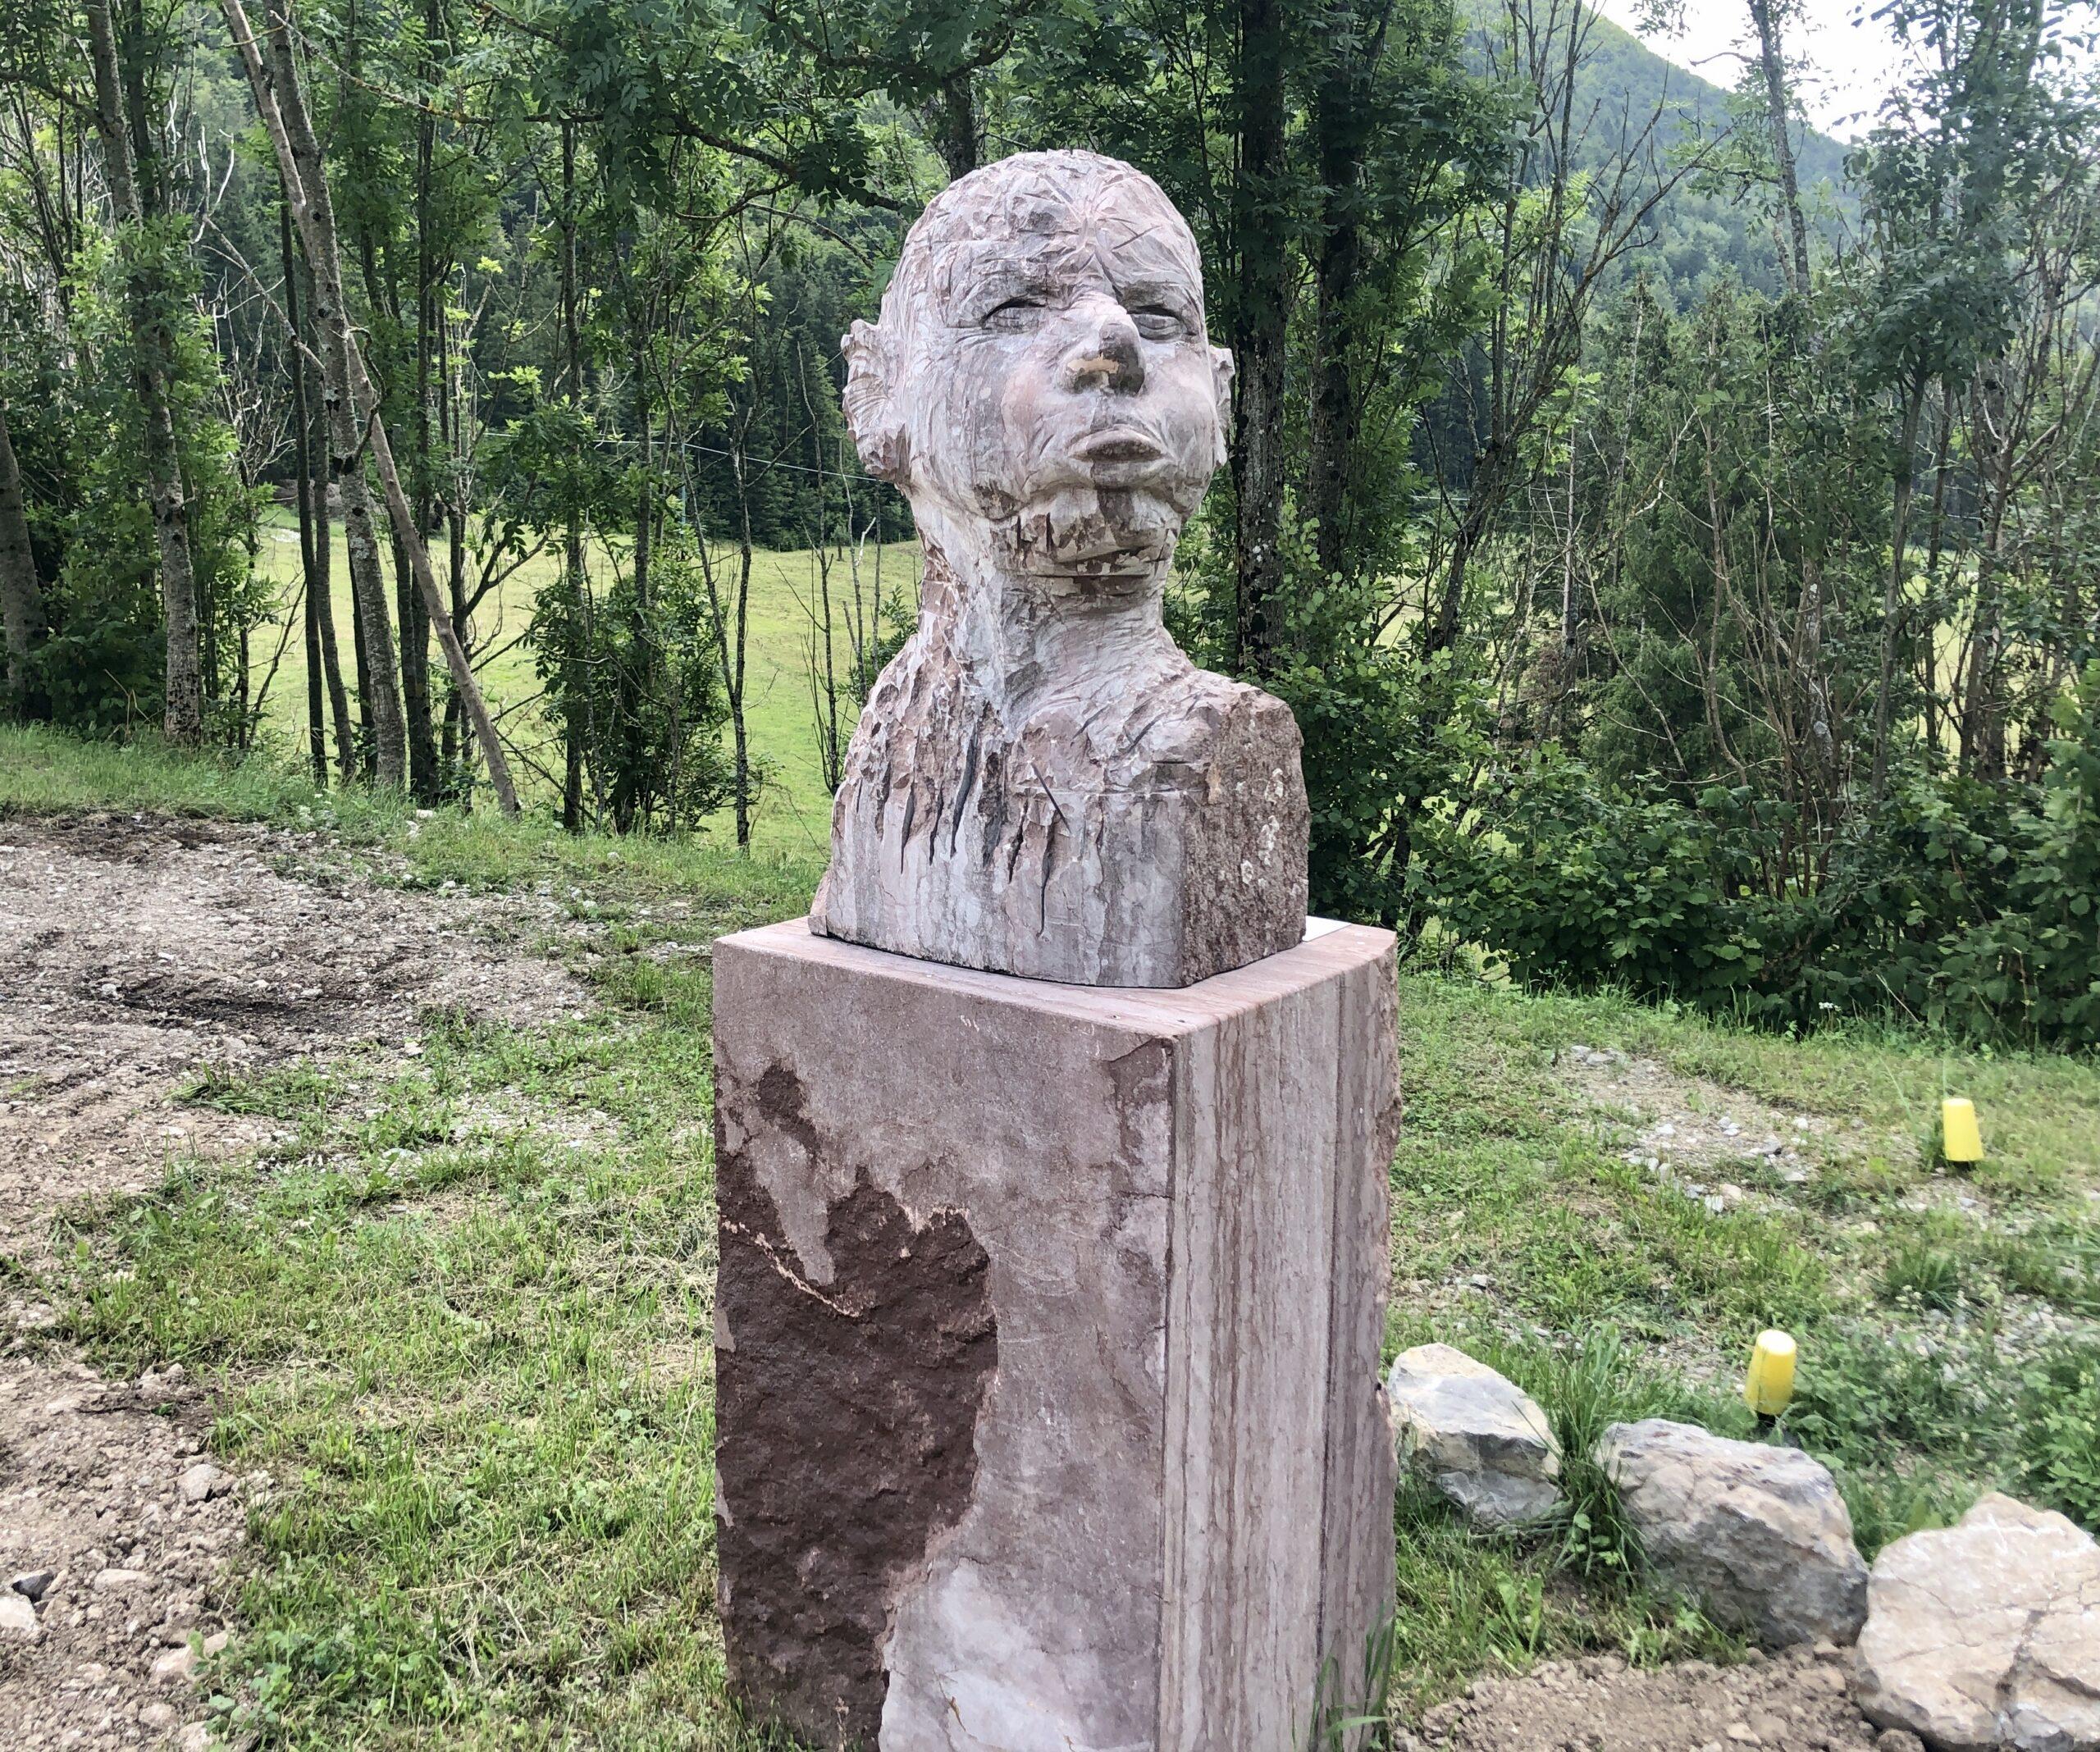 Passt zum Tag, die Skulptur am Zielpunkt Sella Chiazutan